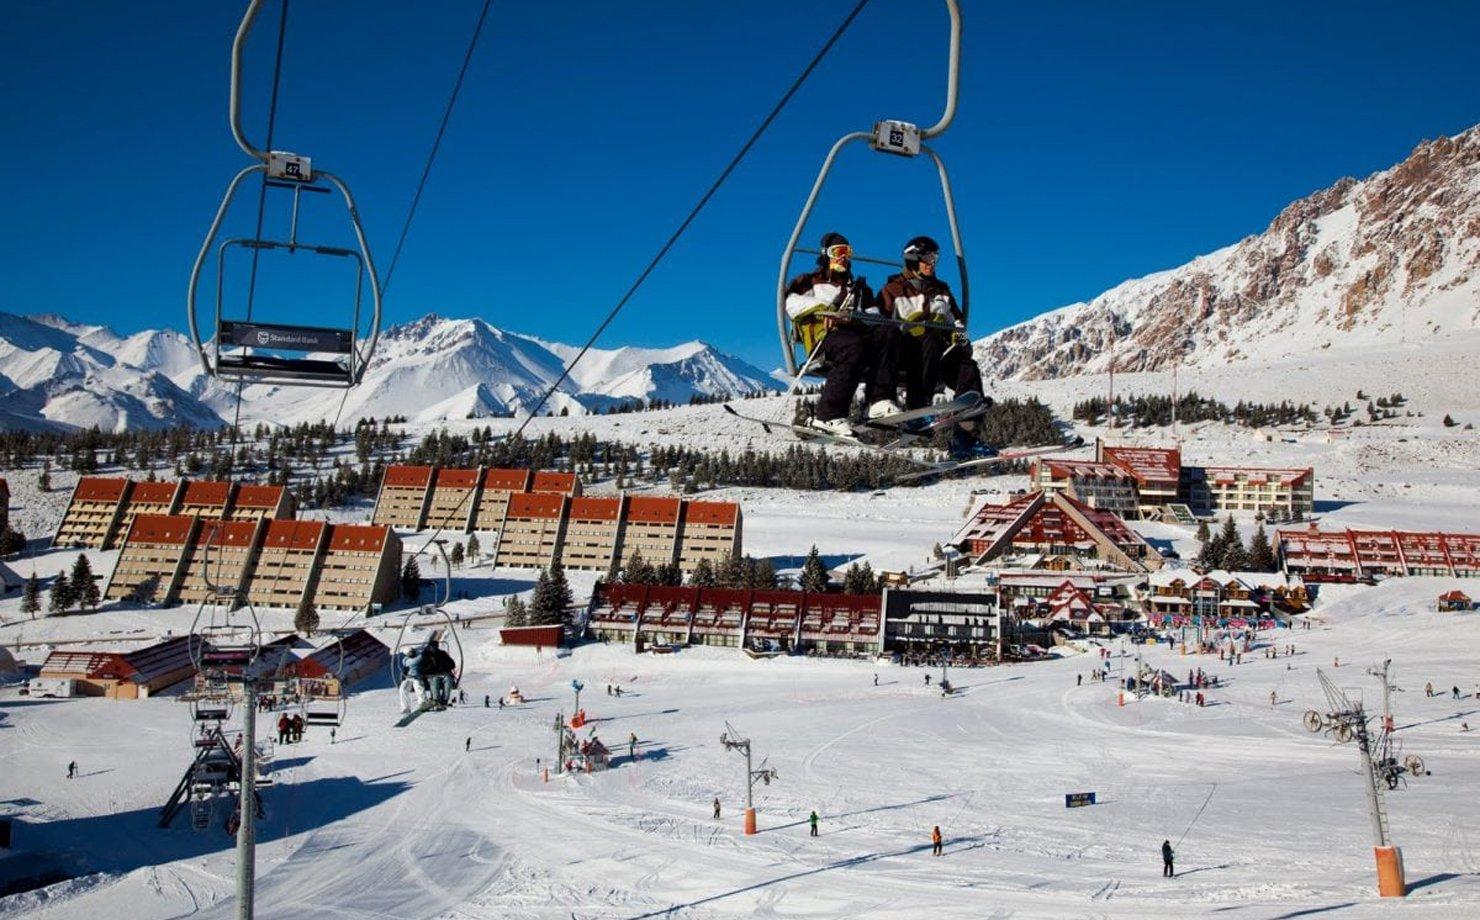 Las Leñas Ski Resort